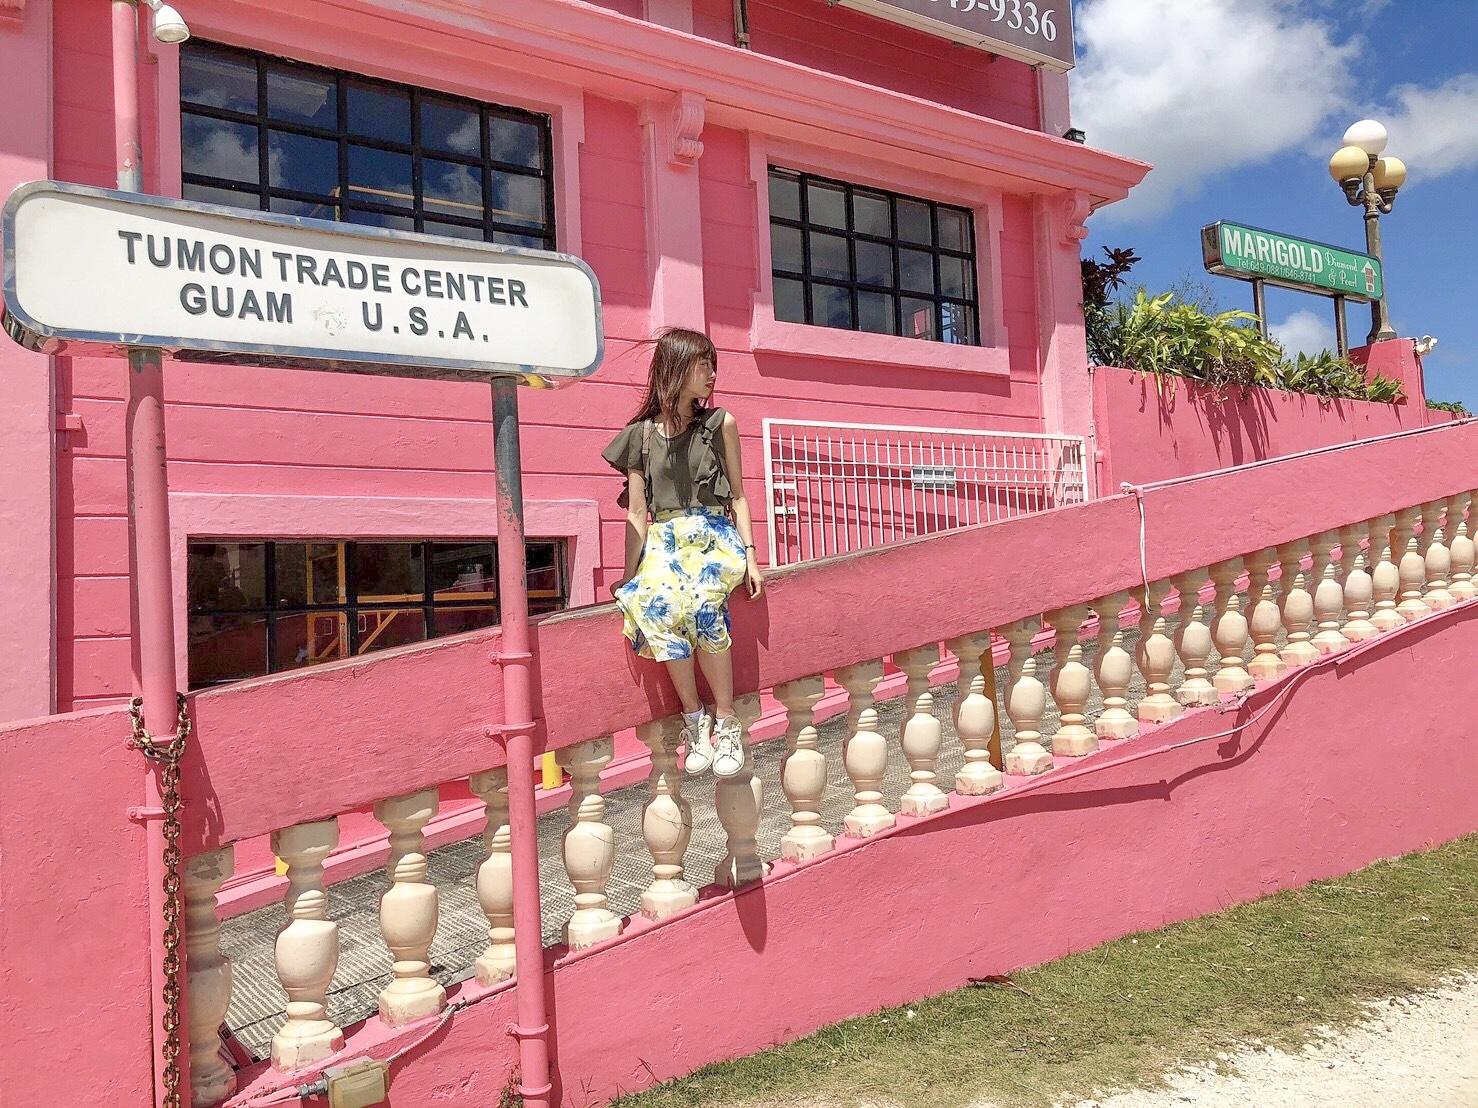 グアム女子旅特集《2019年版》- 旅する女子がおすすめするカフェやグルメ、インスタ映えスポット、ホテルまとめ_20